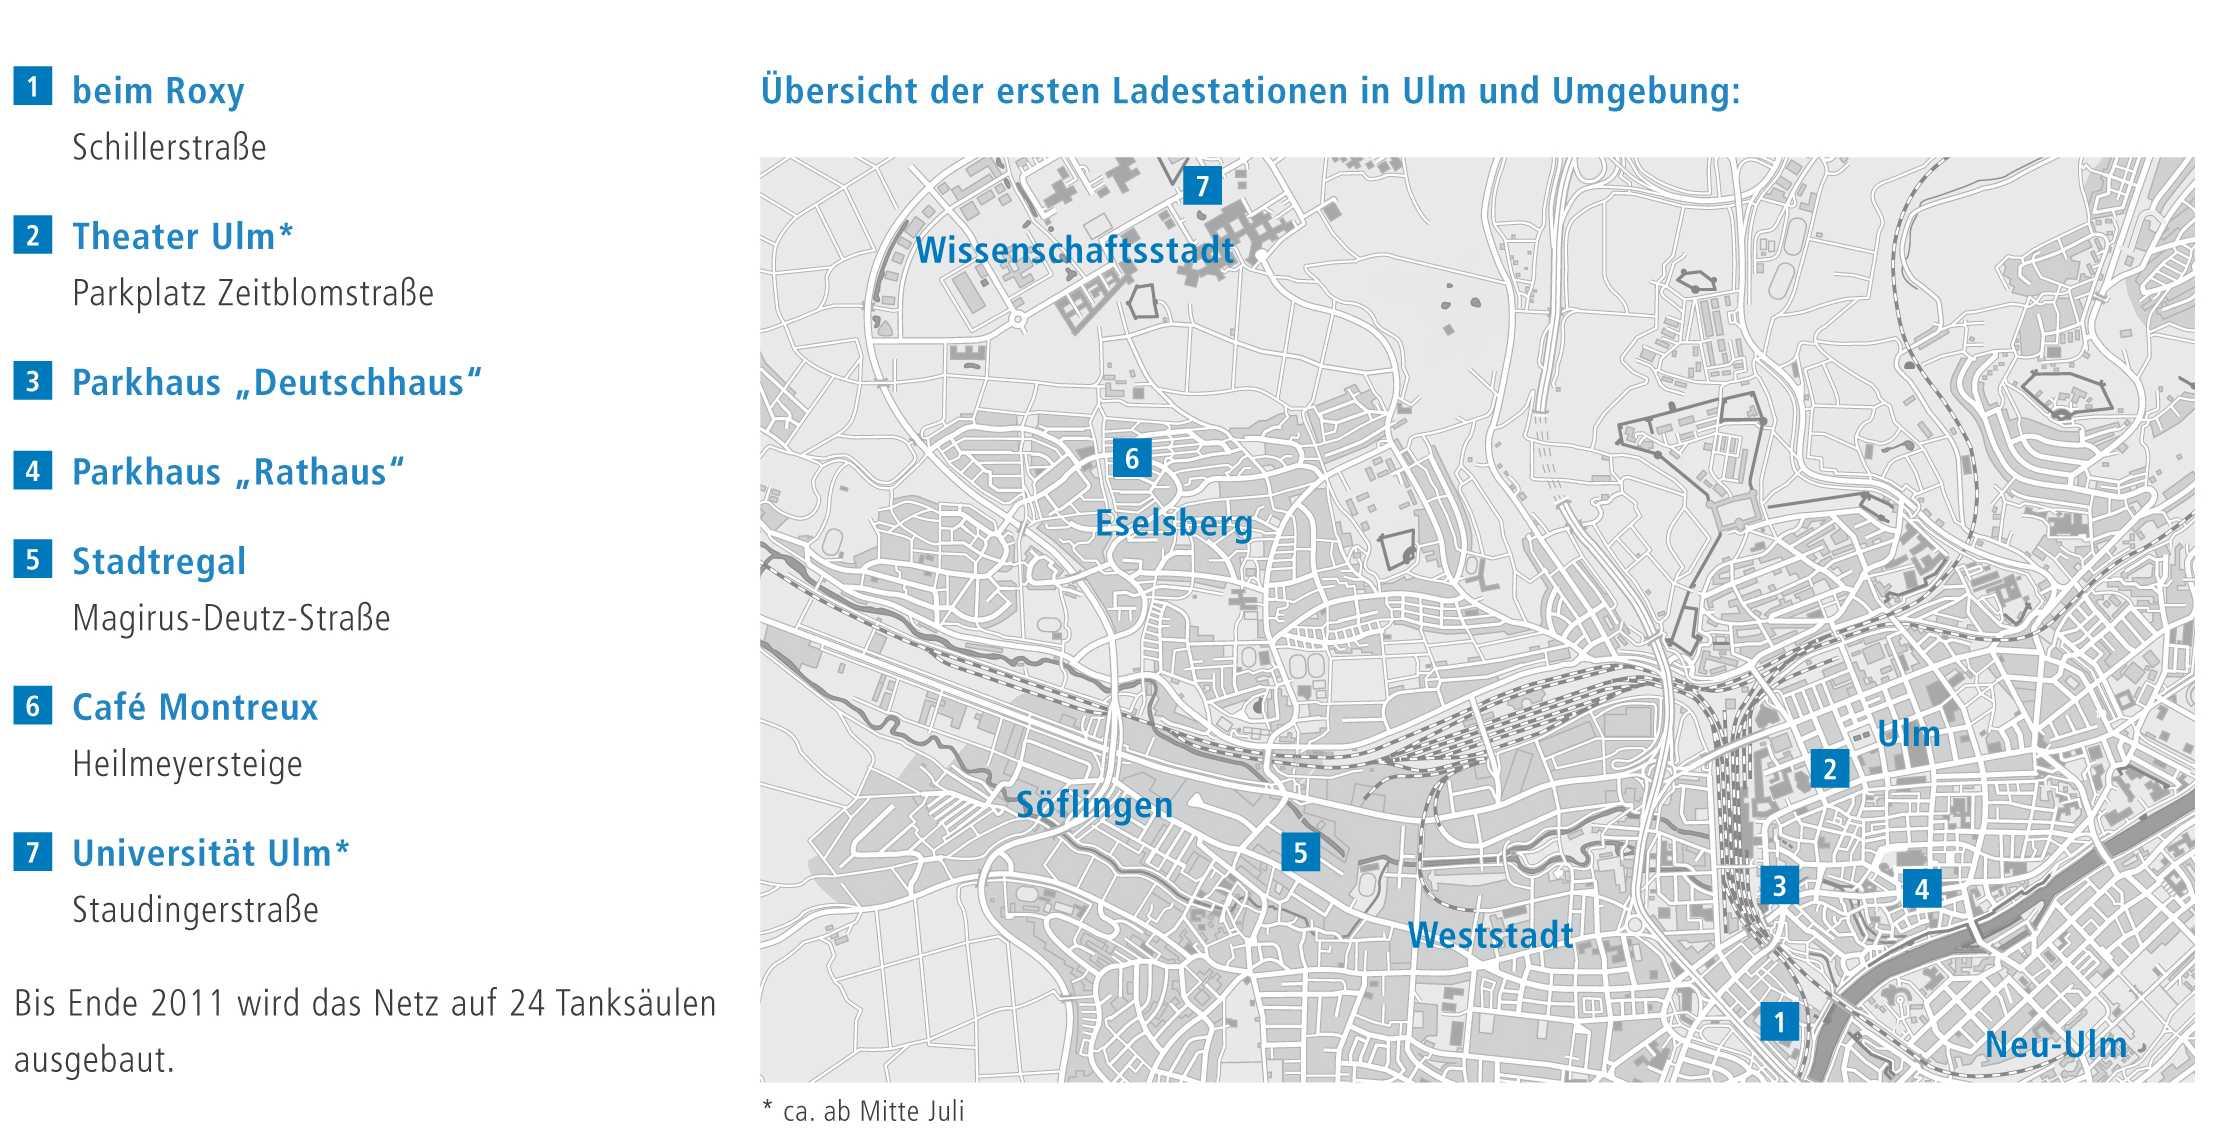 Car2go Kunden Konnen In Ulm Kunftig Auch Elektrisch Fahren Heise Autos